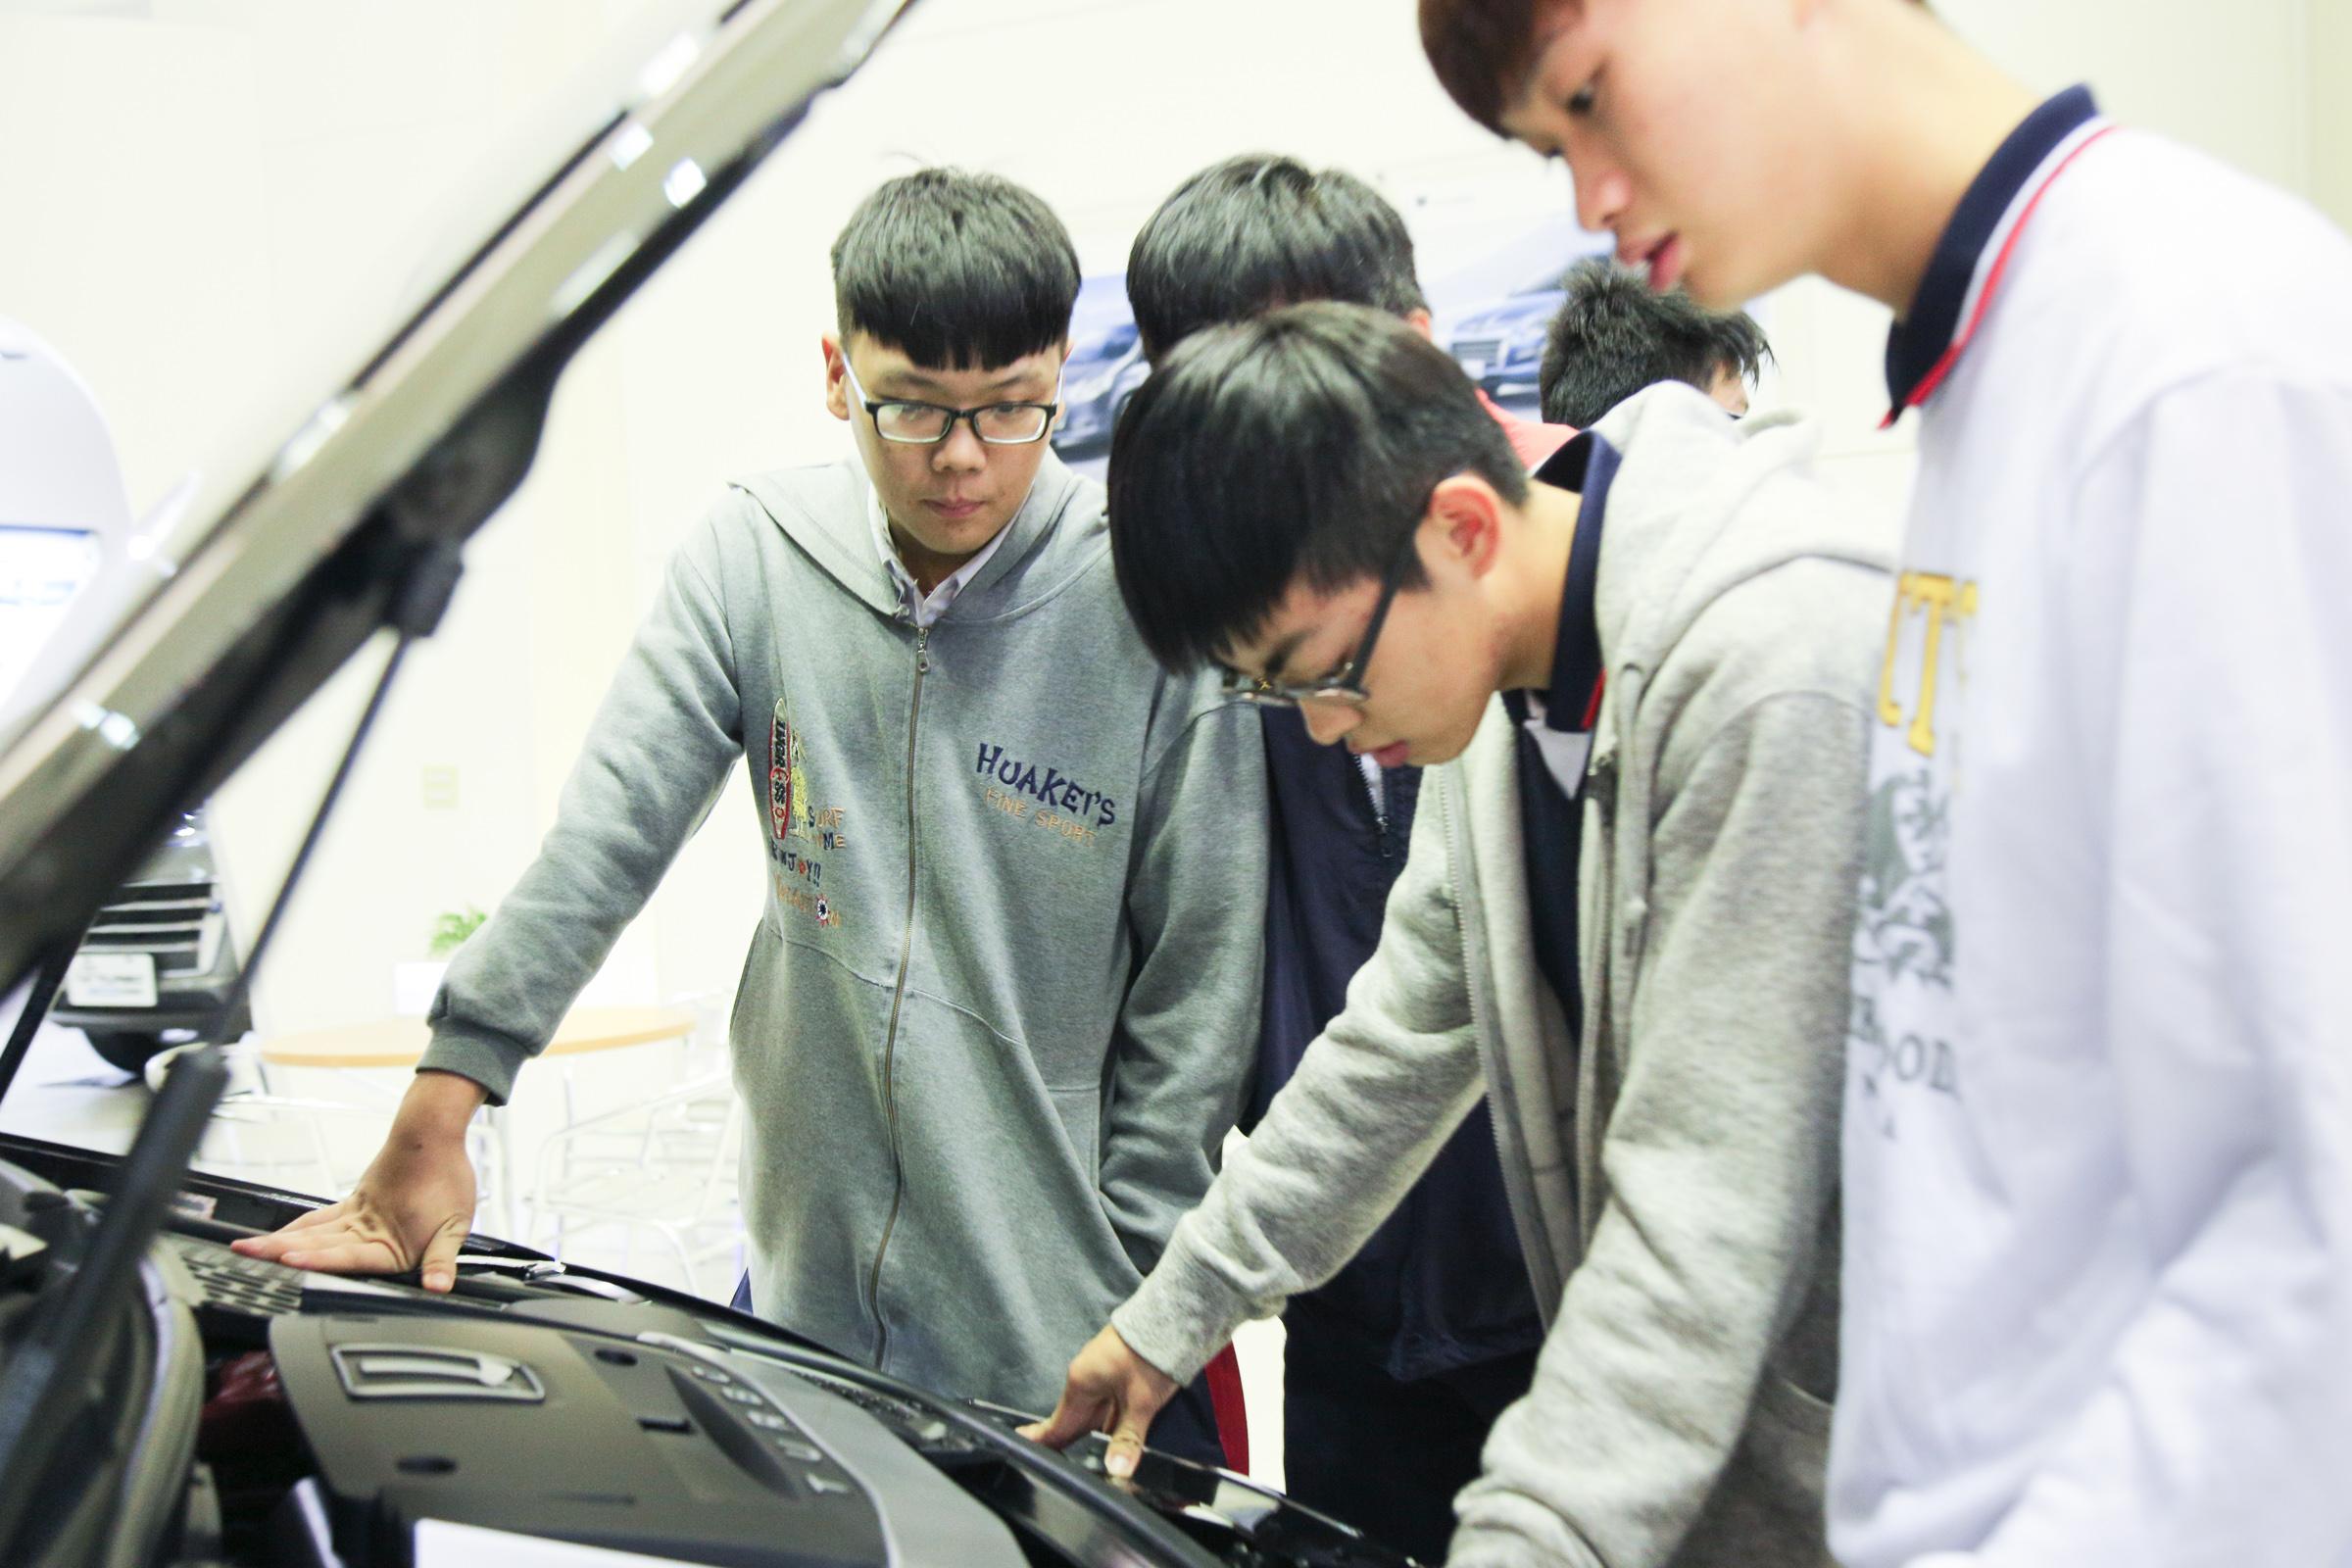 Luxgen 由北智捷總經理連振偉代表出席及捐贈 U6 GT、M7 Turbo Eco Hyper 共兩輛車予「109學年度全國工業類科學生技藝競賽」,供競賽得名之學校教學使用。